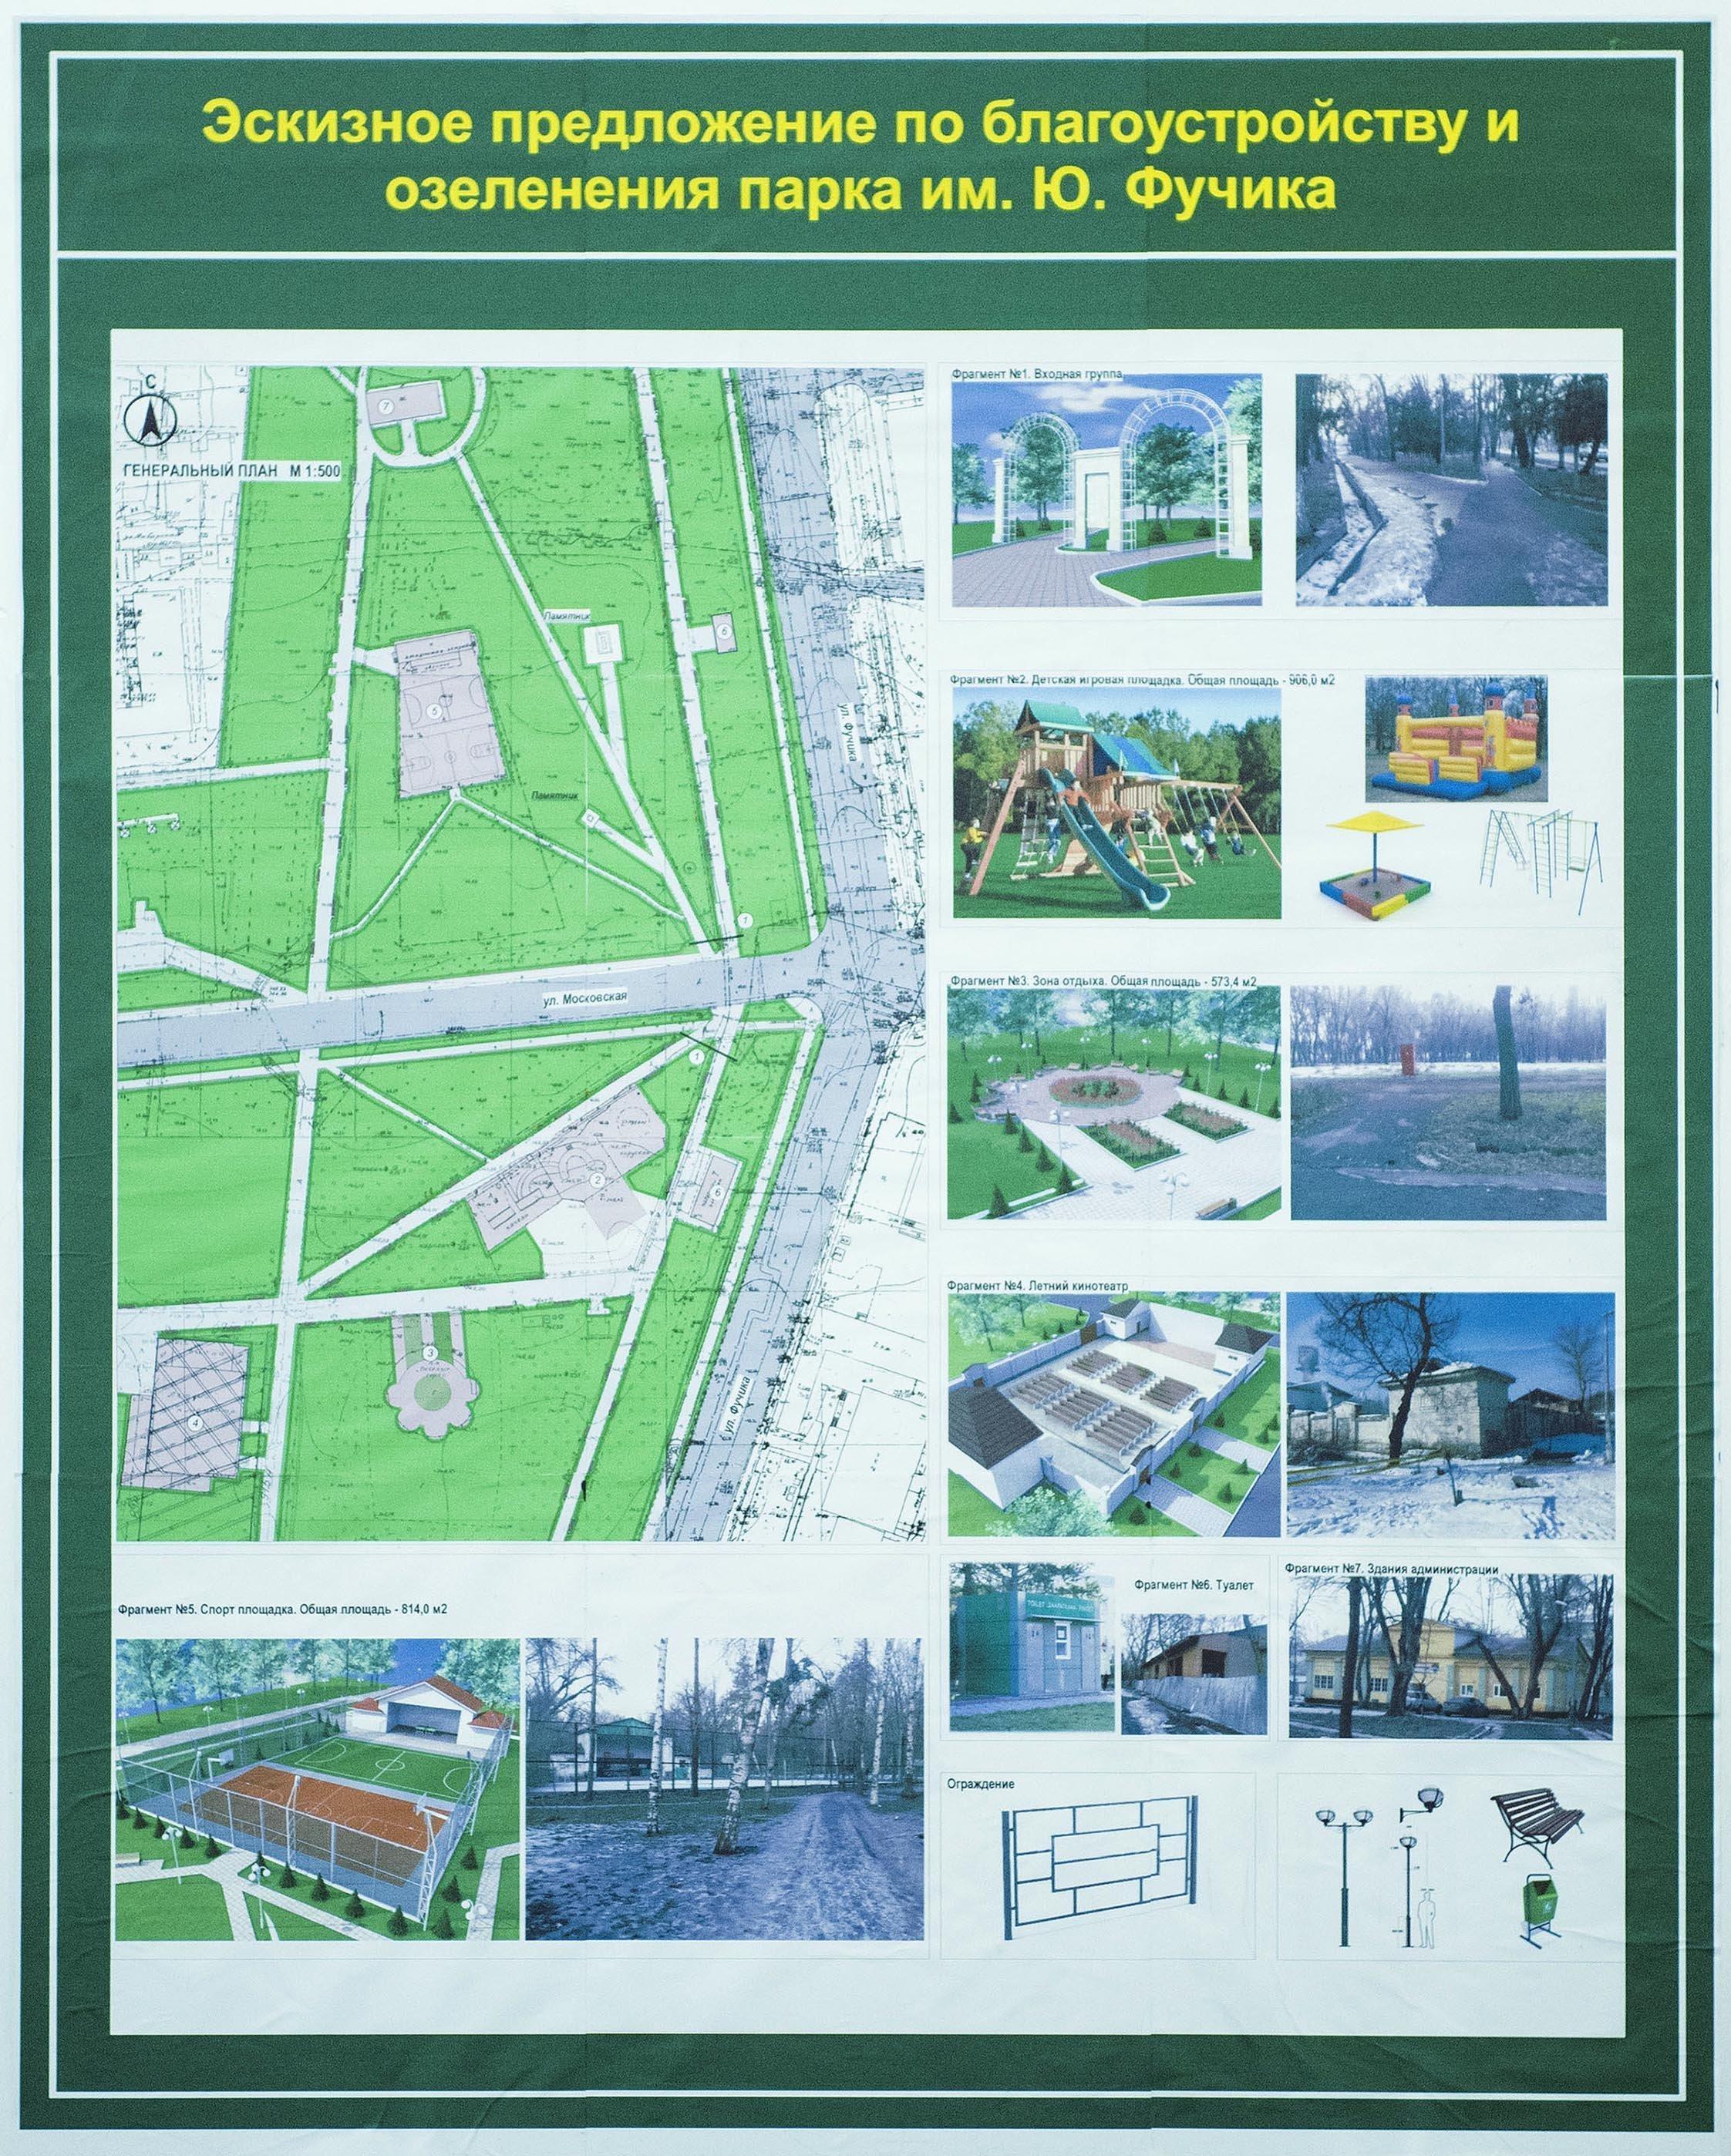 Эскизное предложение по благоустройству и озеленению парка им. Ю. Фучика на пресс-конференции в пресс-центре Sputnik Кыргызстан